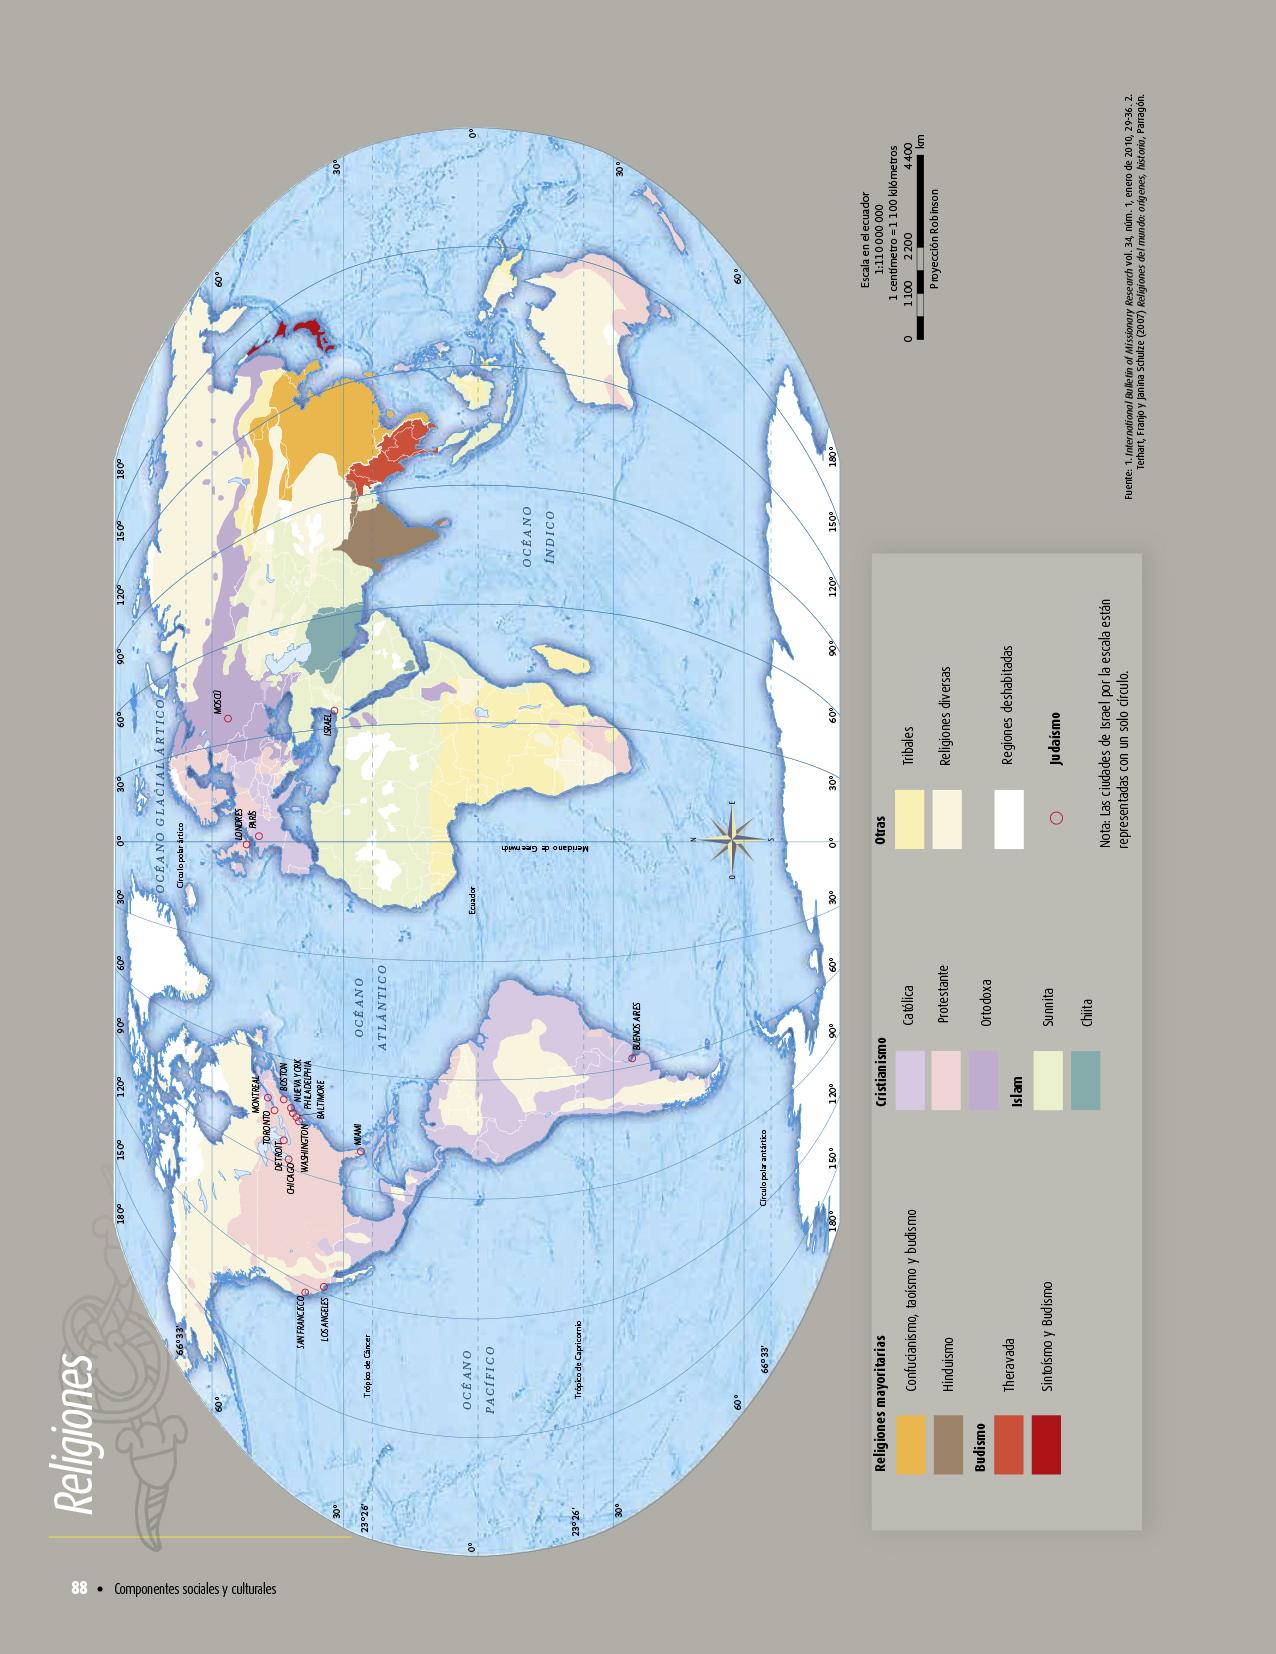 Atlas De Geografia Del Mundo Quinto Grado 2017 2018 Pagina 88 De 122 Libros De Texto Online